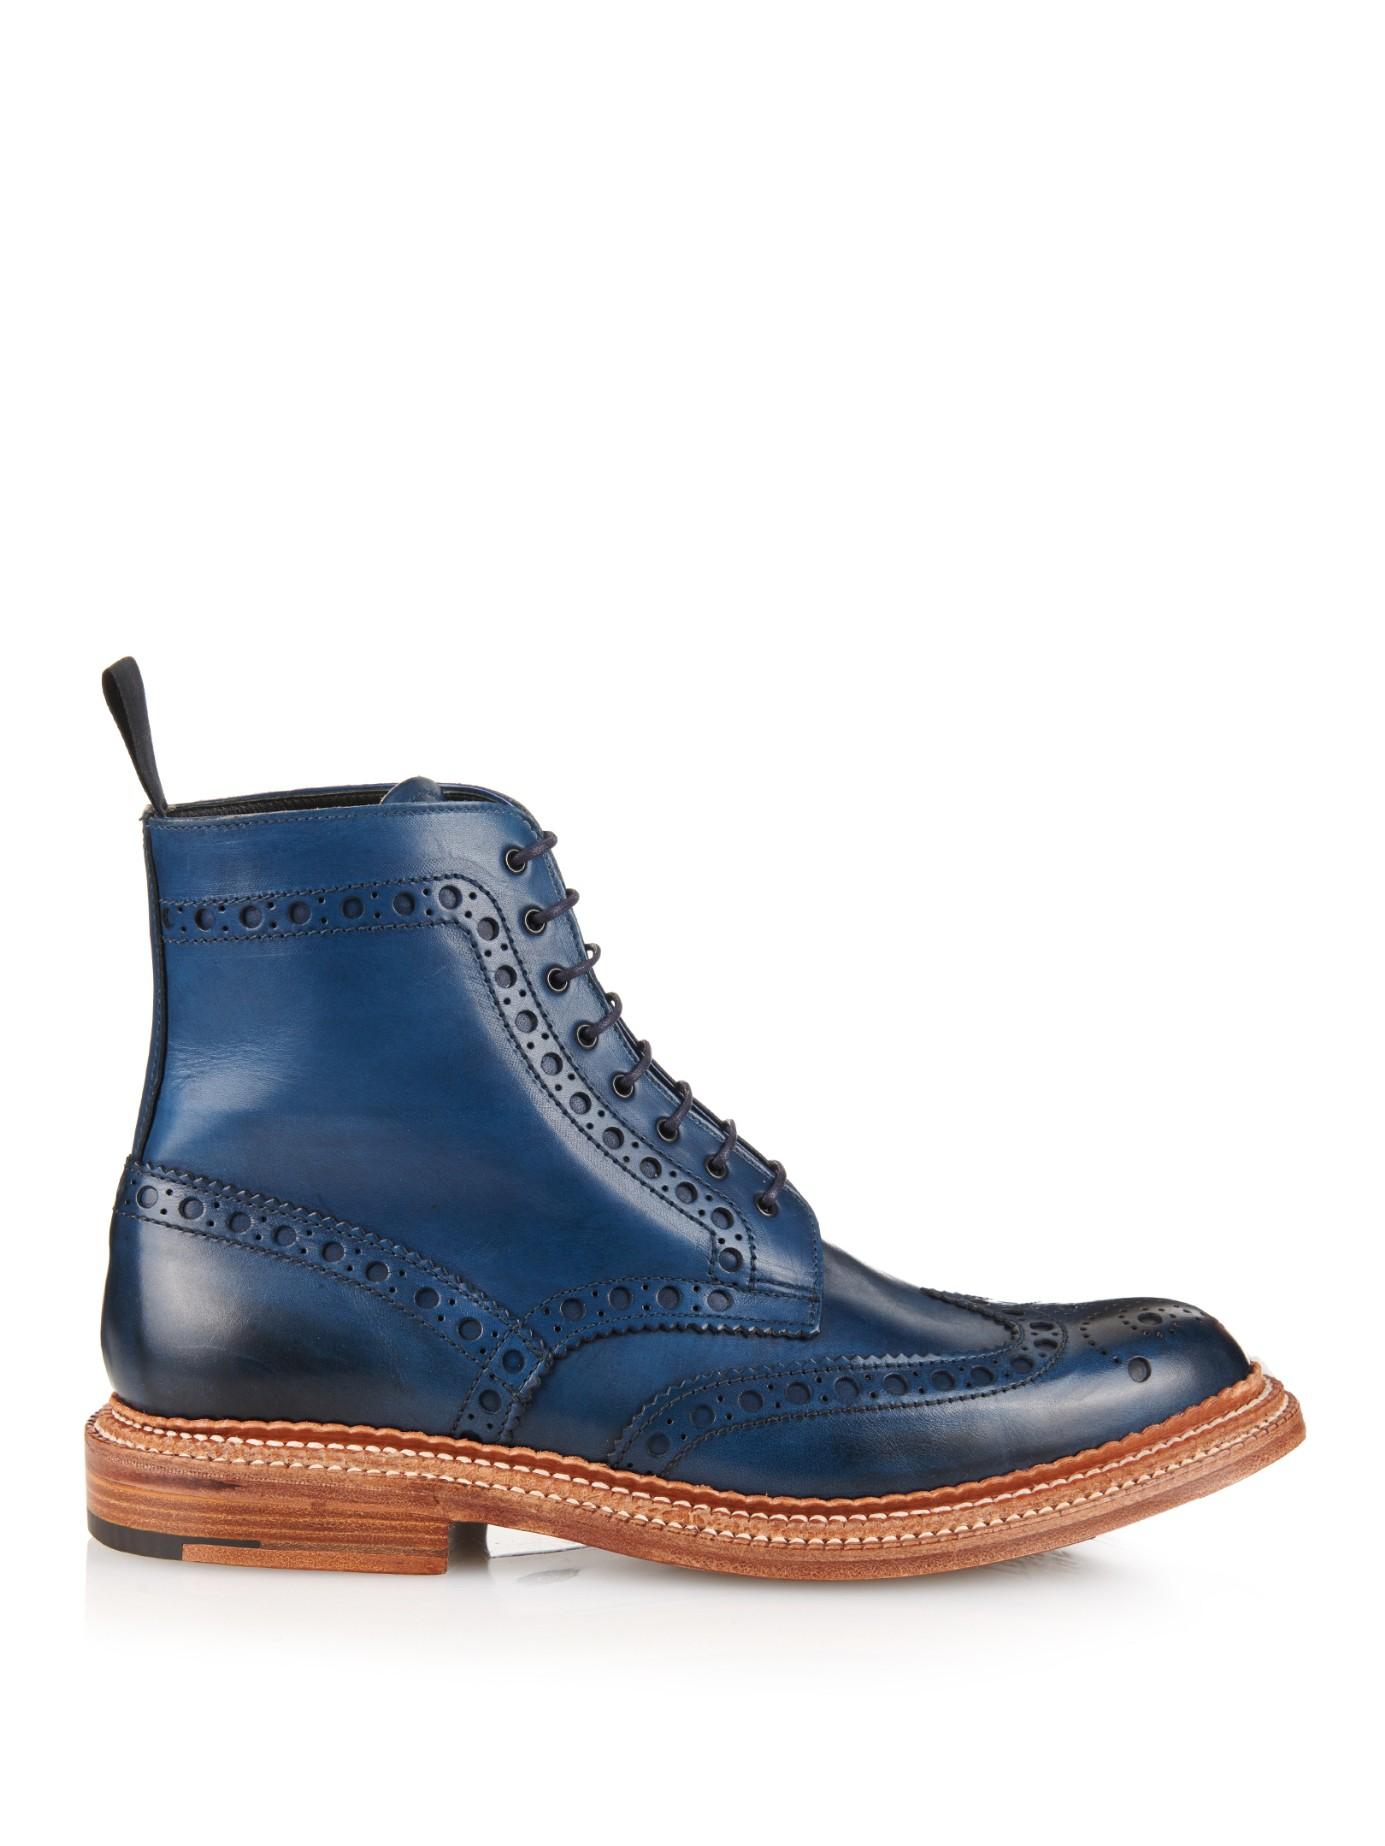 Black Wingtip Boots Men Images Cole Haan Mens